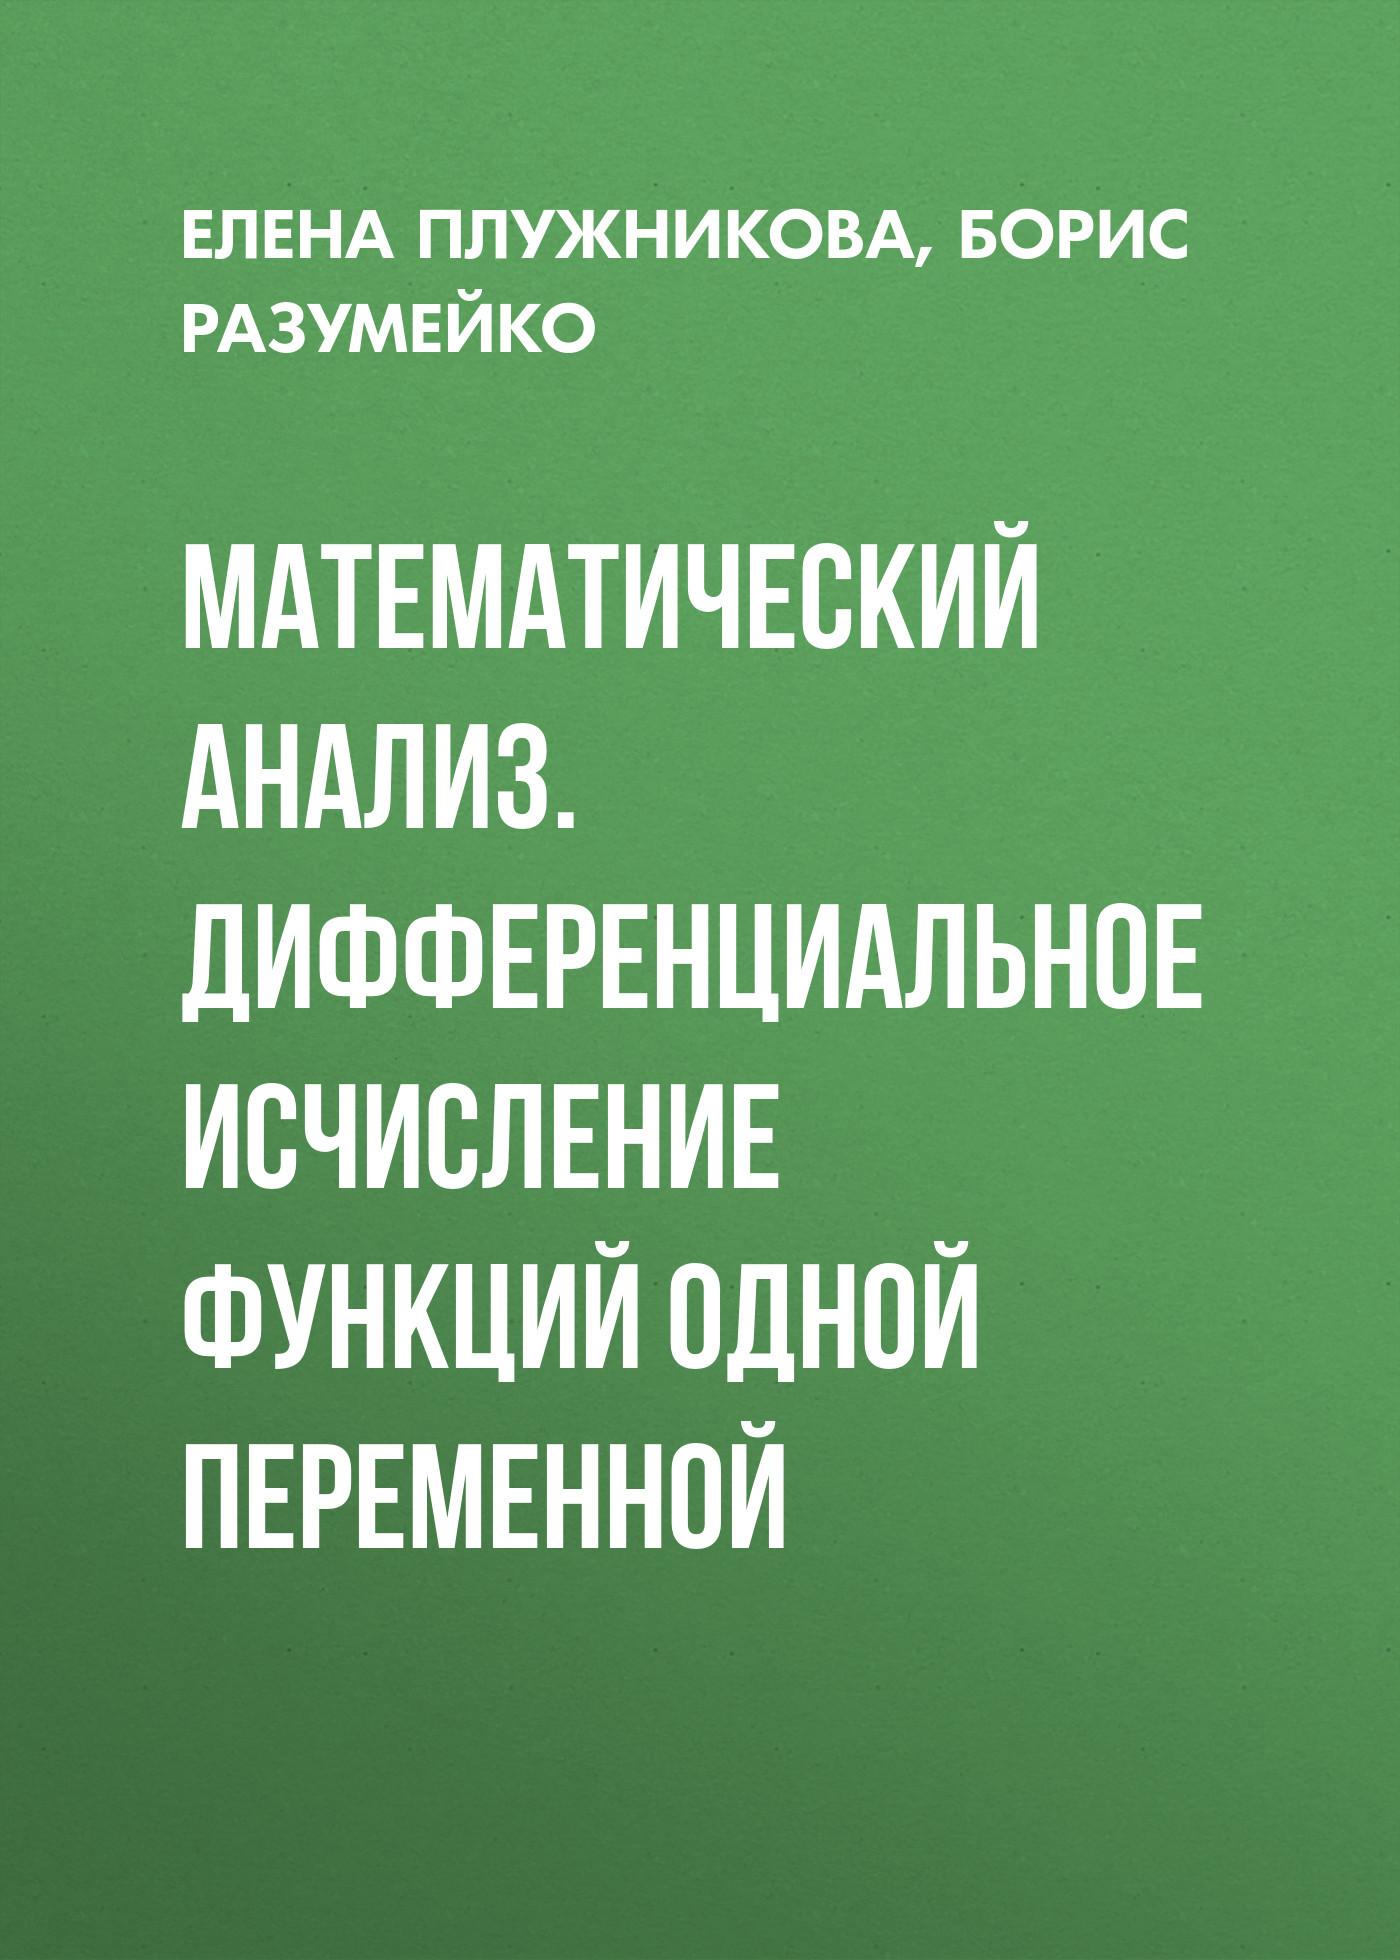 Е. Л. Плужникова Математический анализ. Дифференциальное исчисление функций одной переменной елена плужникова дифференциальное исчисление функций многих переменных